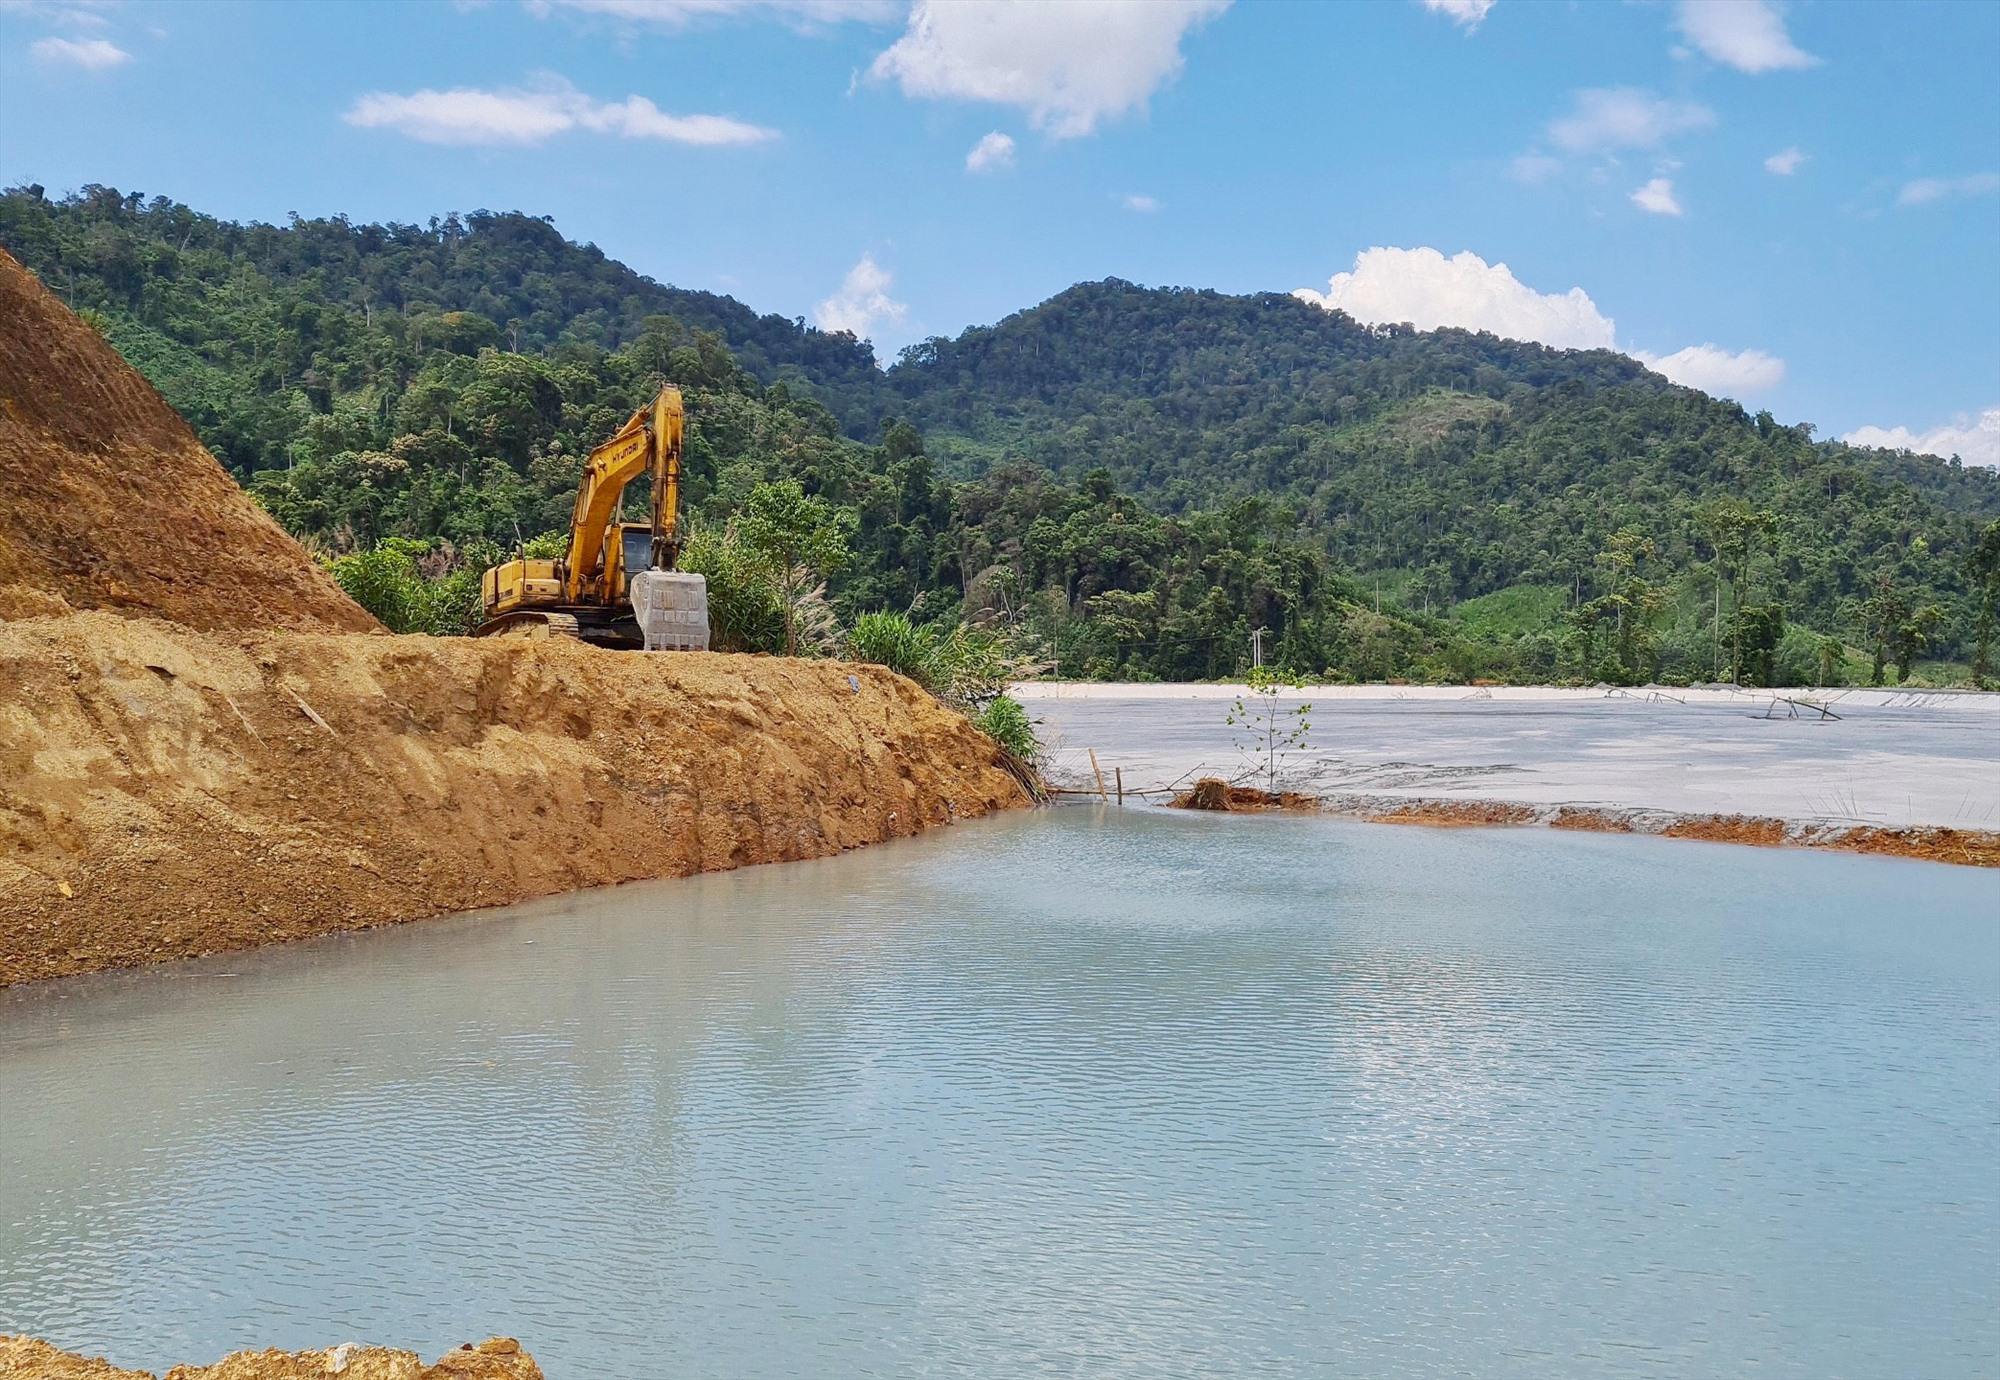 Công ty TNHH Vàng Phước Sơn gia cố thân đập chứa quặng thải ở hồ số 1 mà hồ sơ thiết kế chưa được cơ quan có thẩm quyền thẩm định. Ảnh: H.P